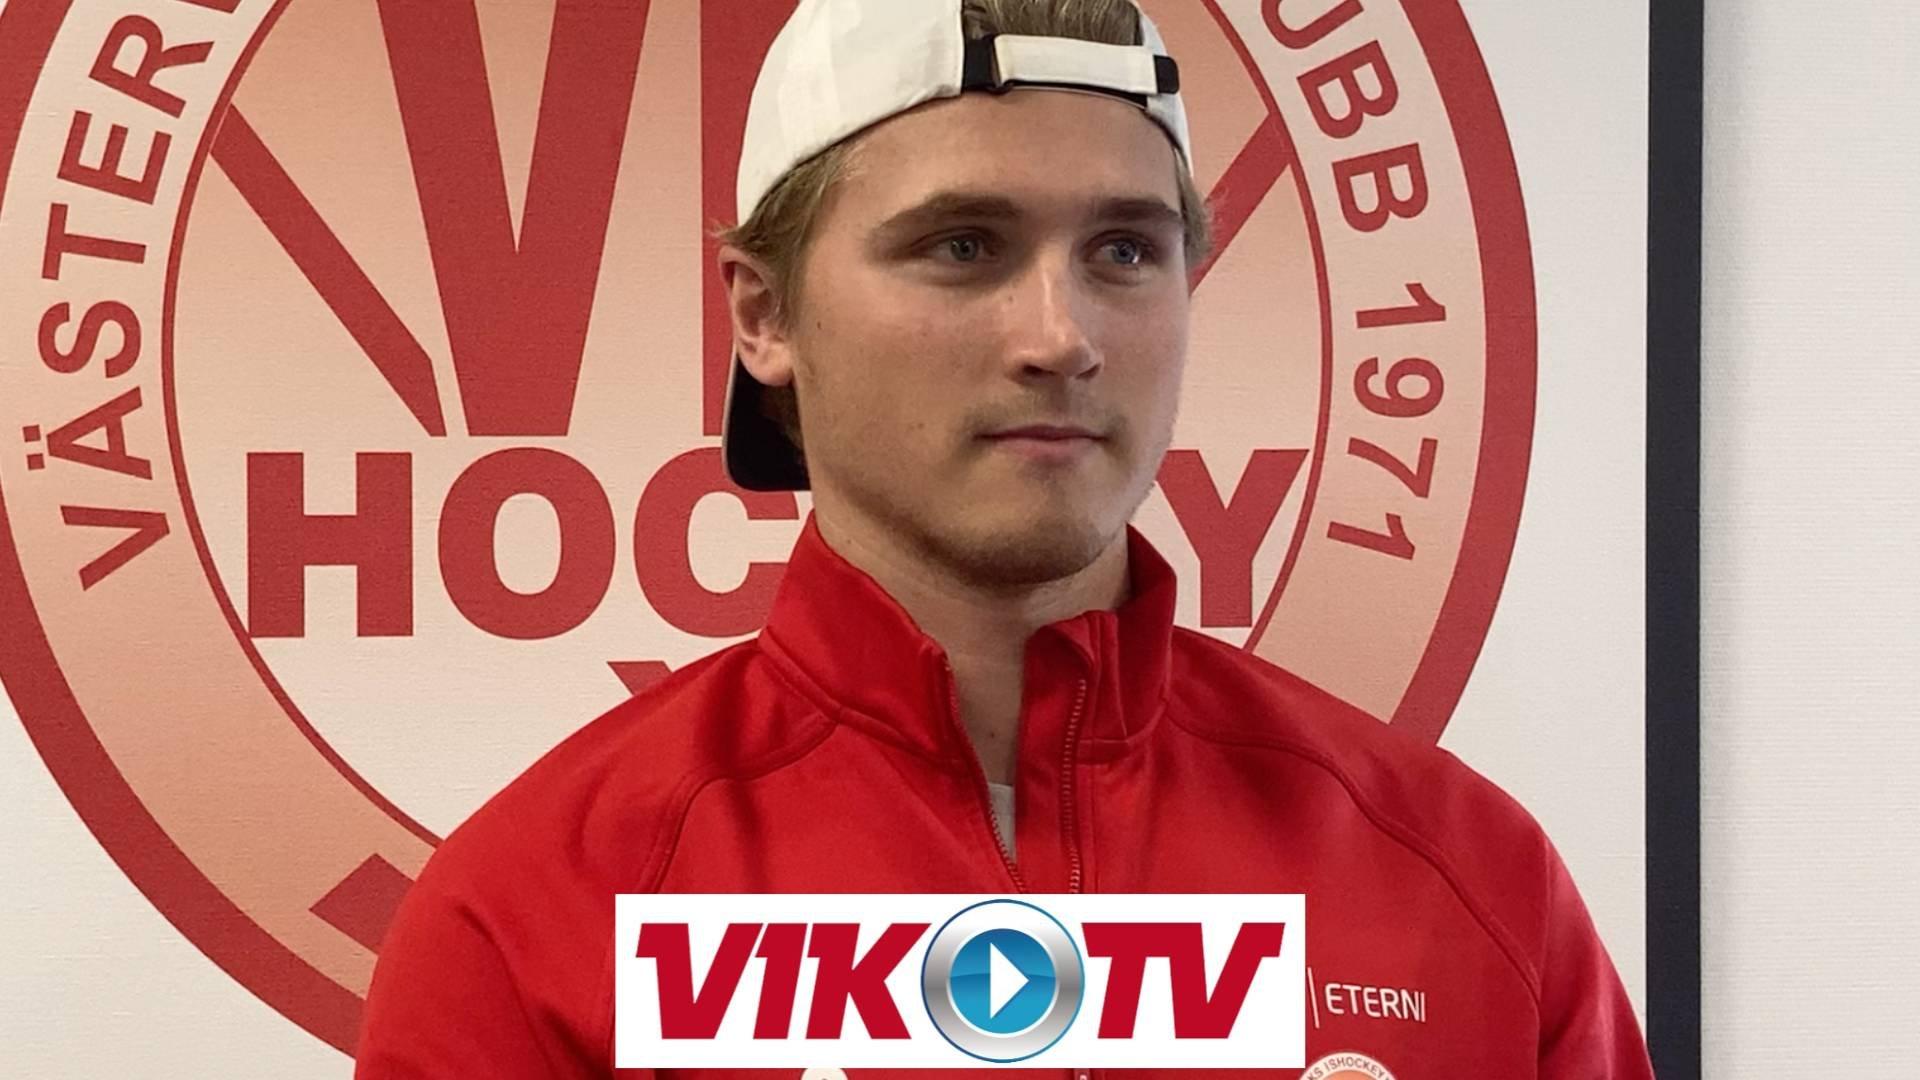 Intervju med William Wiå